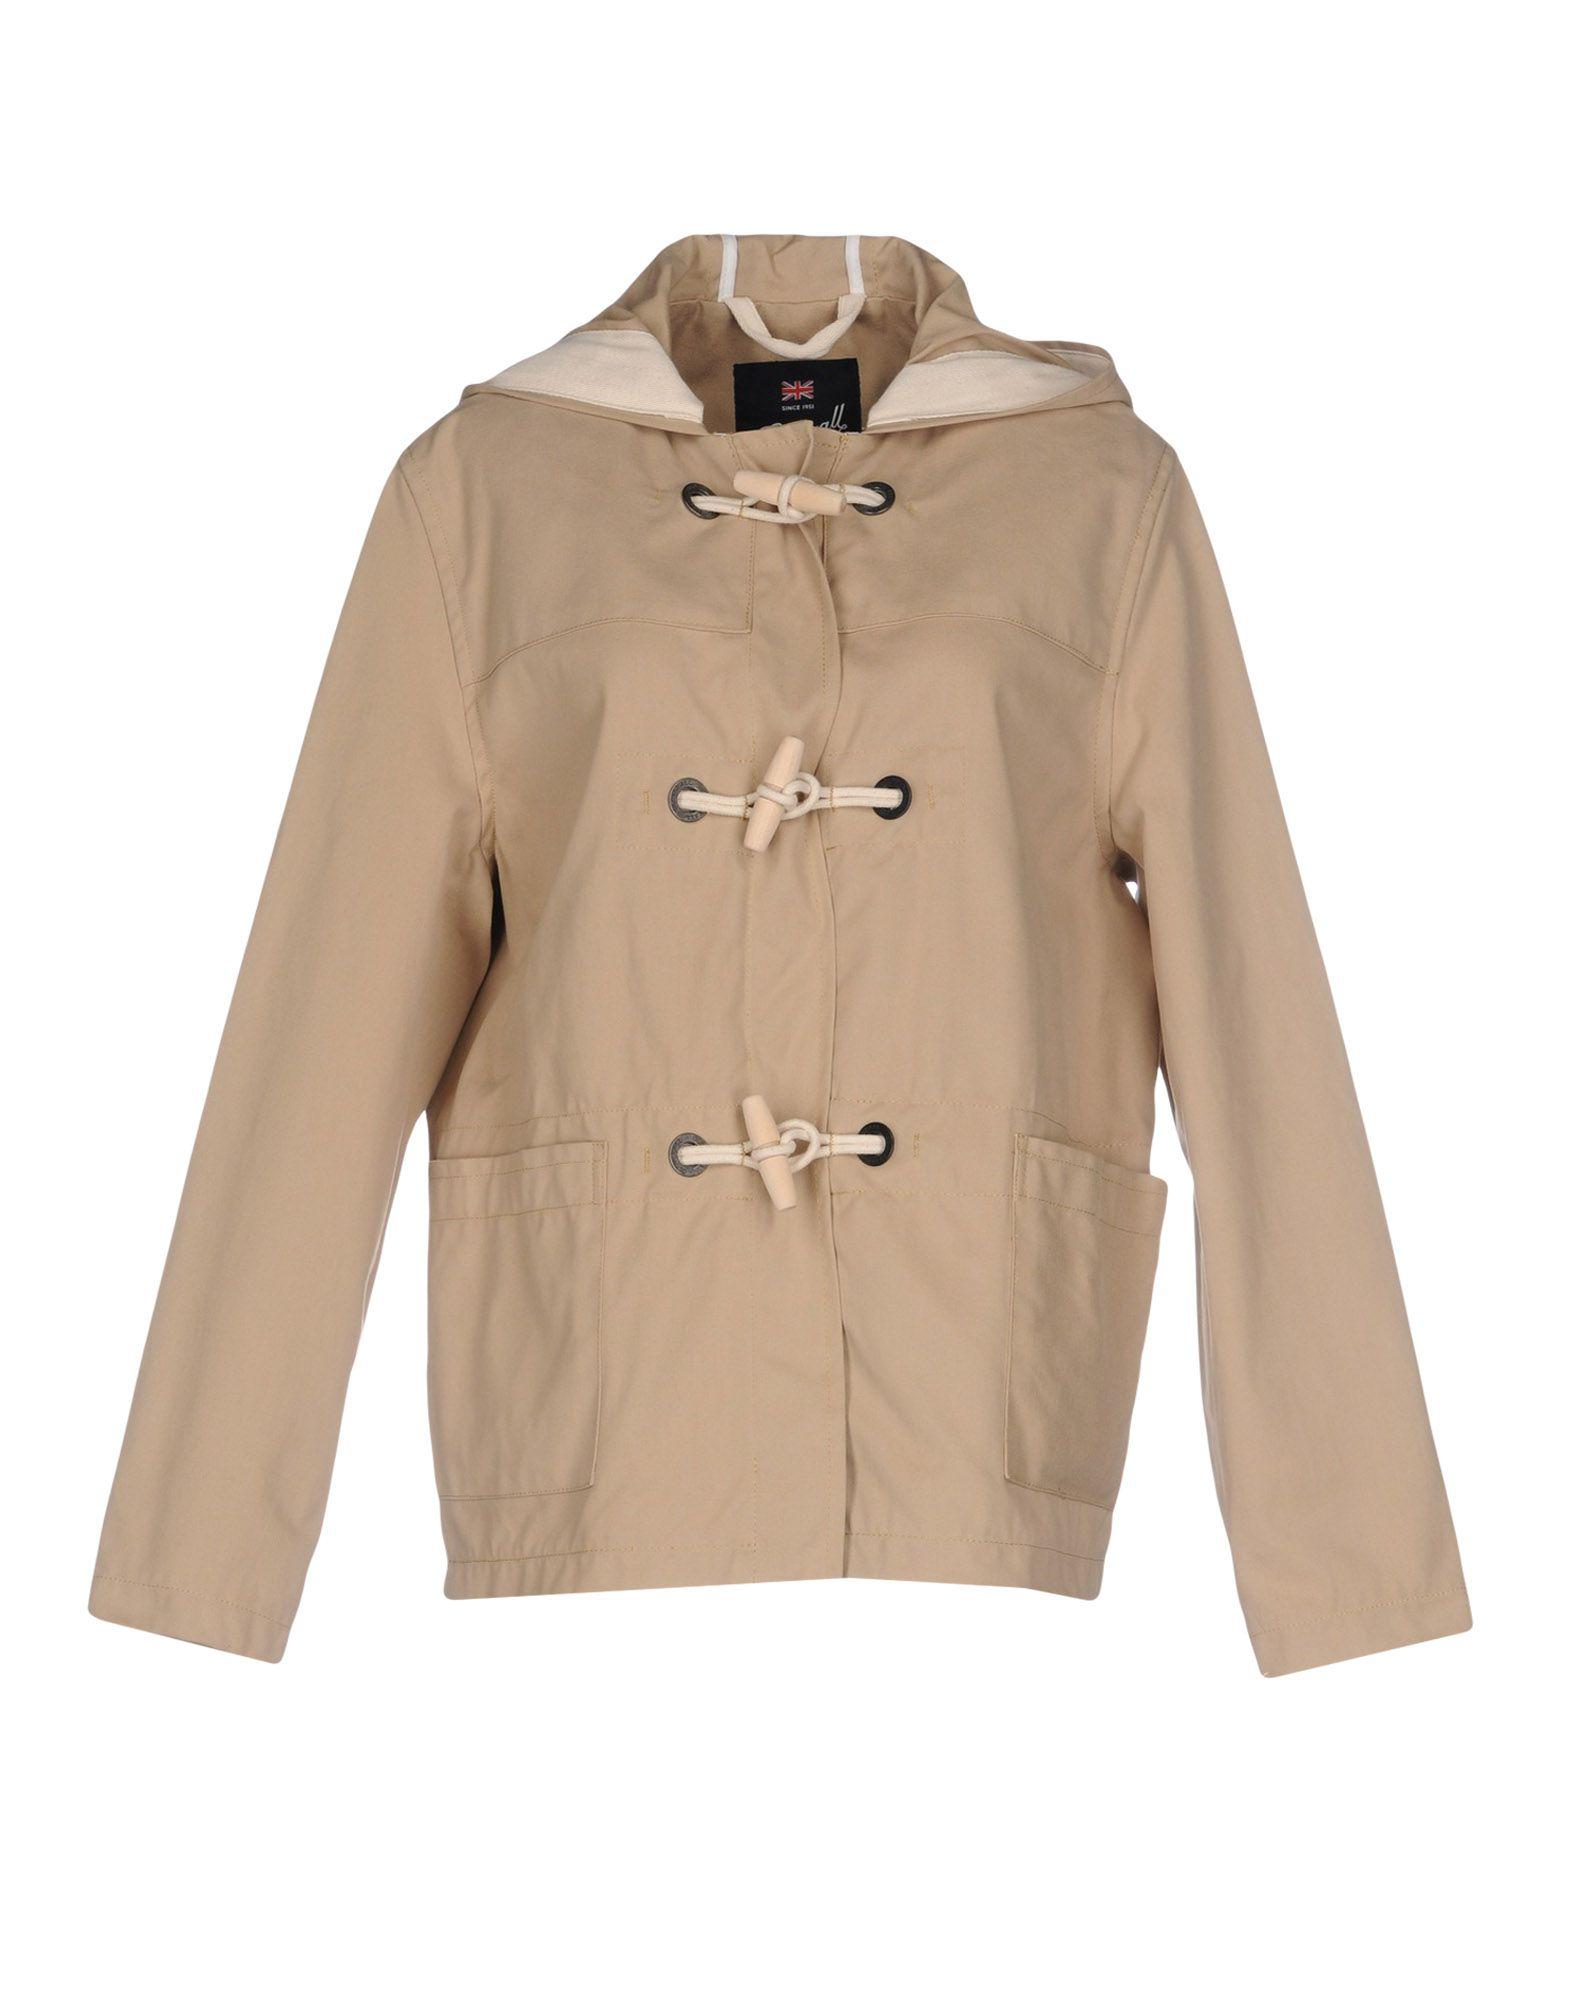 GLOVERALL Jacket in Beige